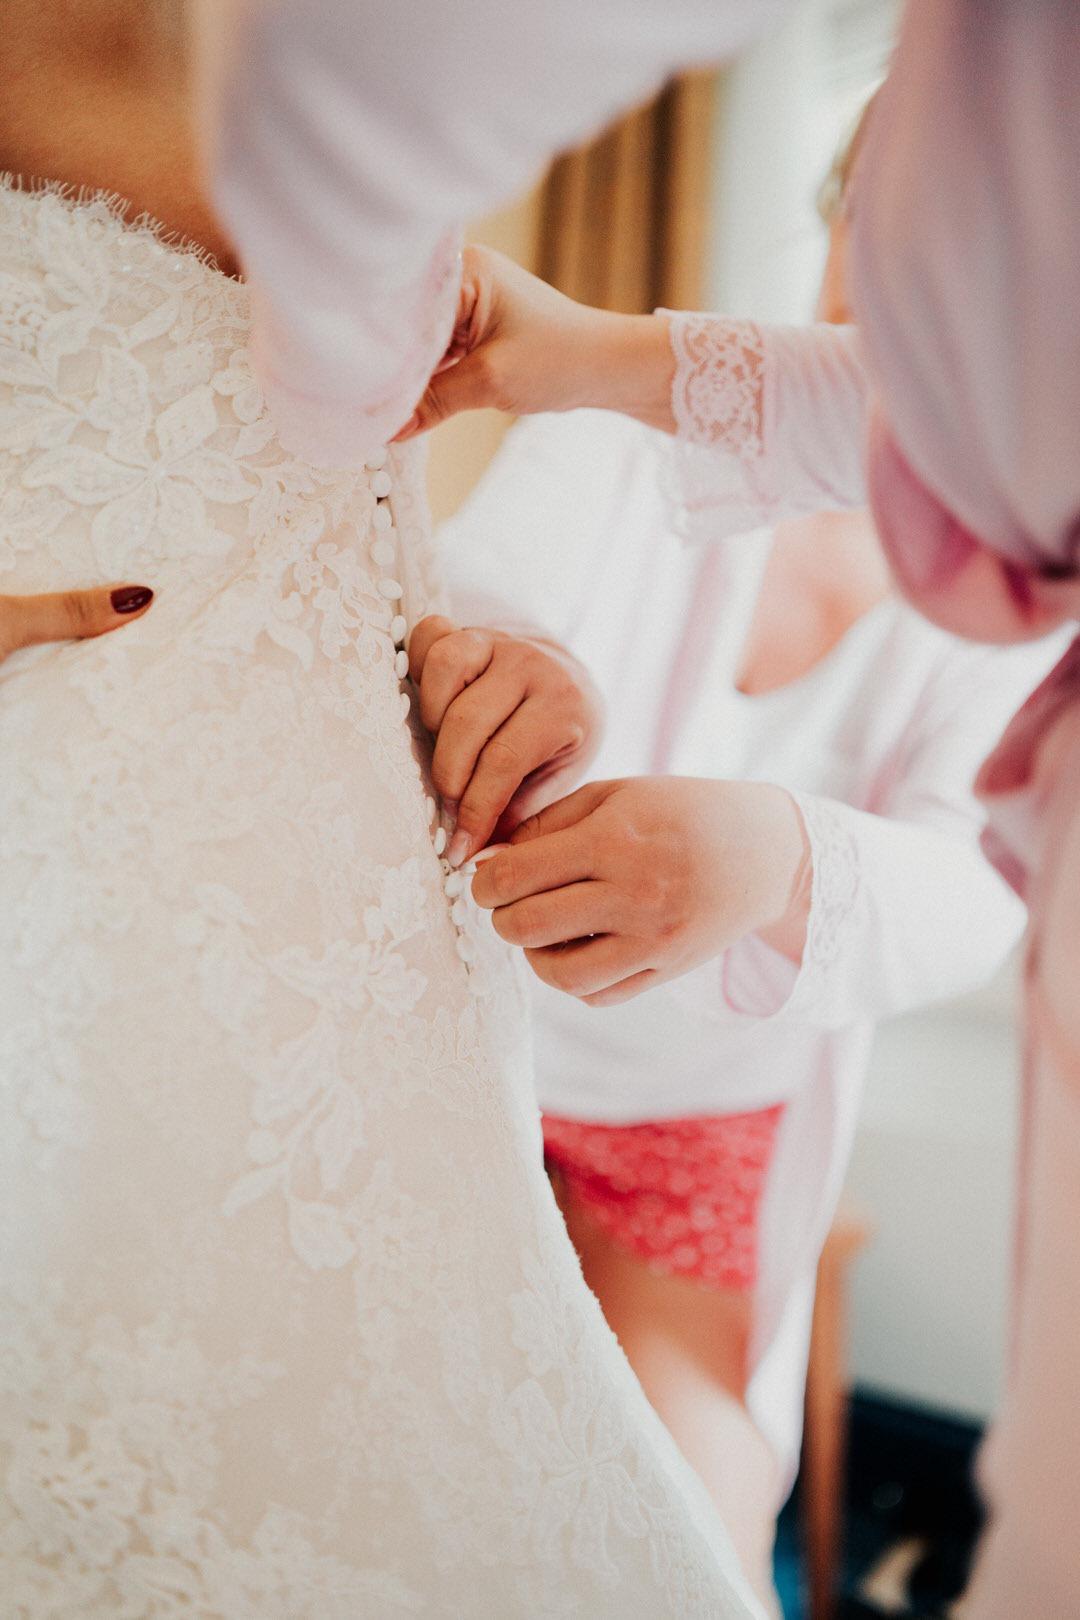 Der Moment bei der Hochzeitsreportage, an dem die Brautjungern das Boho-Kleid zuschnüren bzw. zuknöpfen